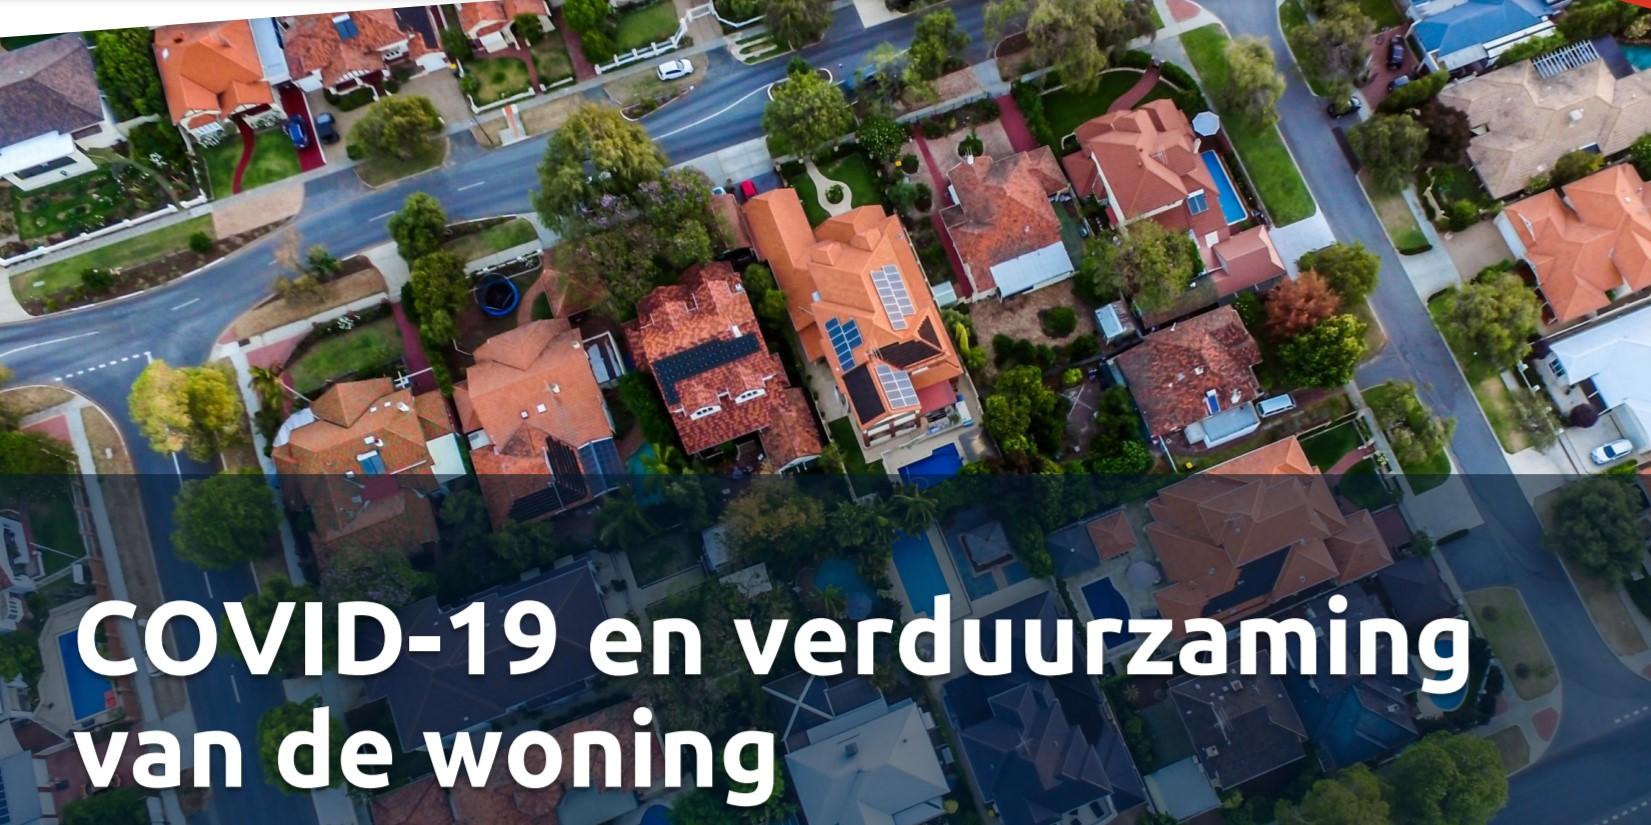 Meer Nederlanders verduurzamen hun woning tijdens lockdown